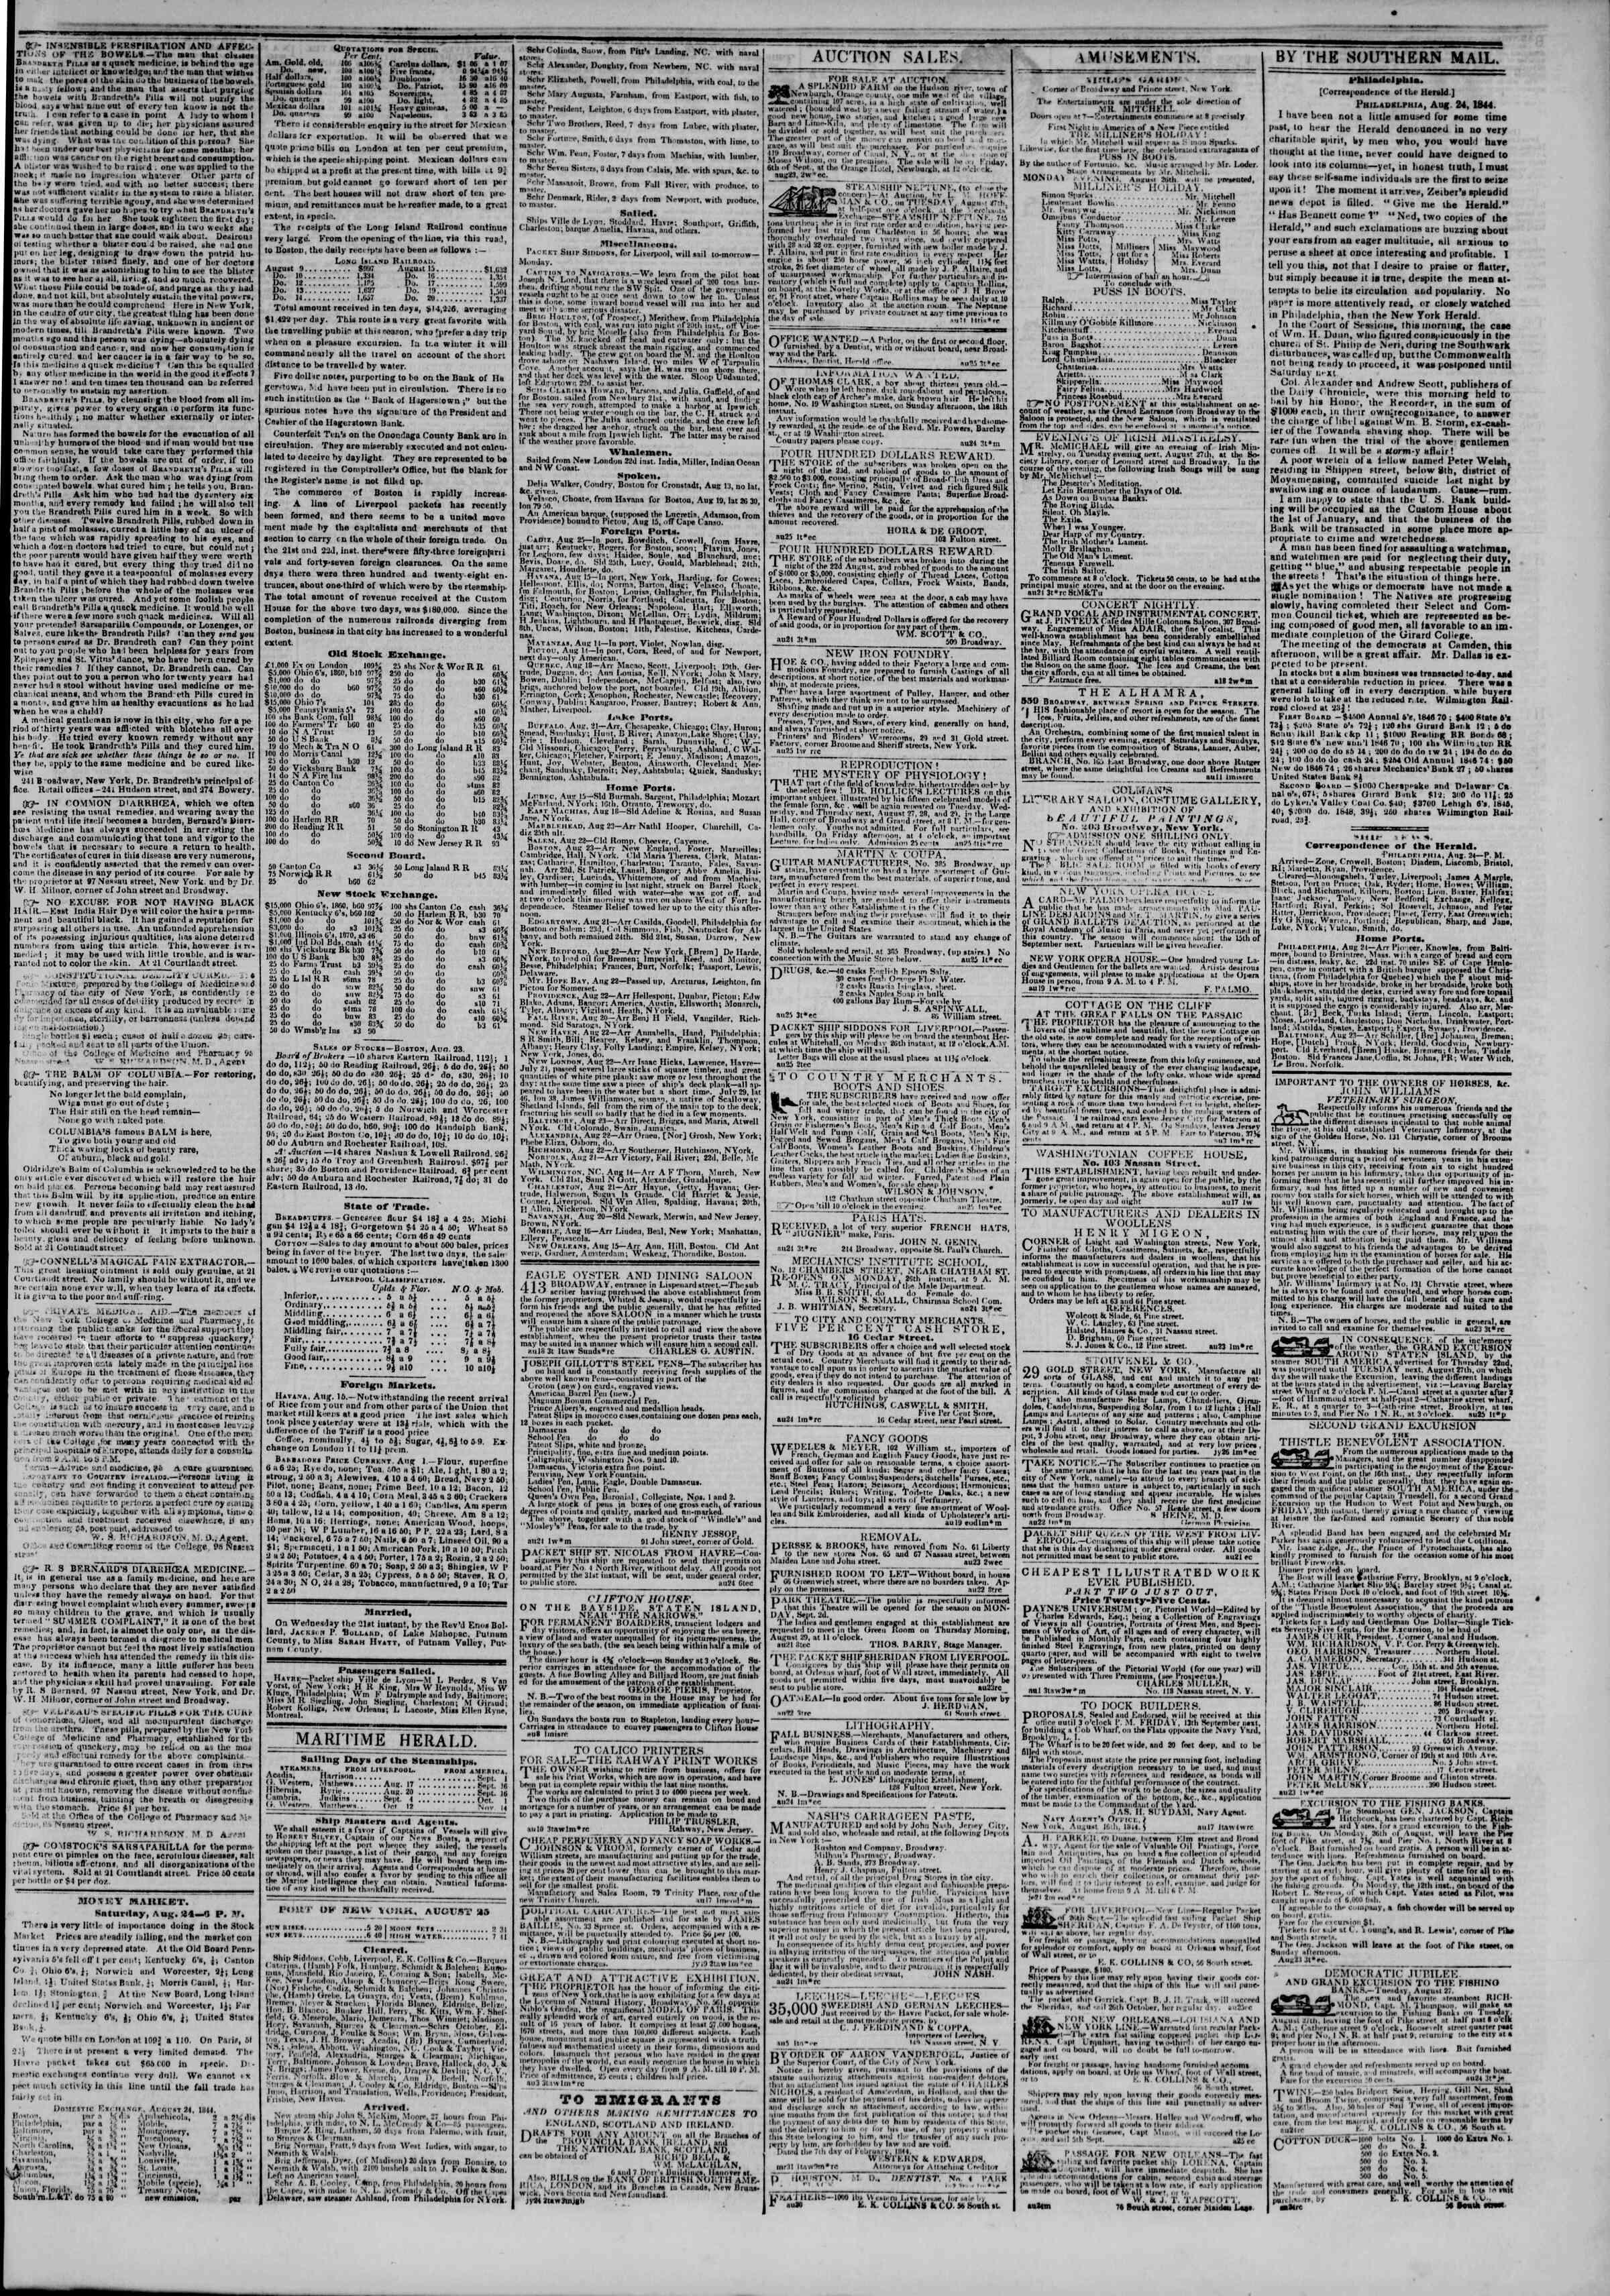 August 25, 1844 Tarihli The New York Herald Gazetesi Sayfa 3